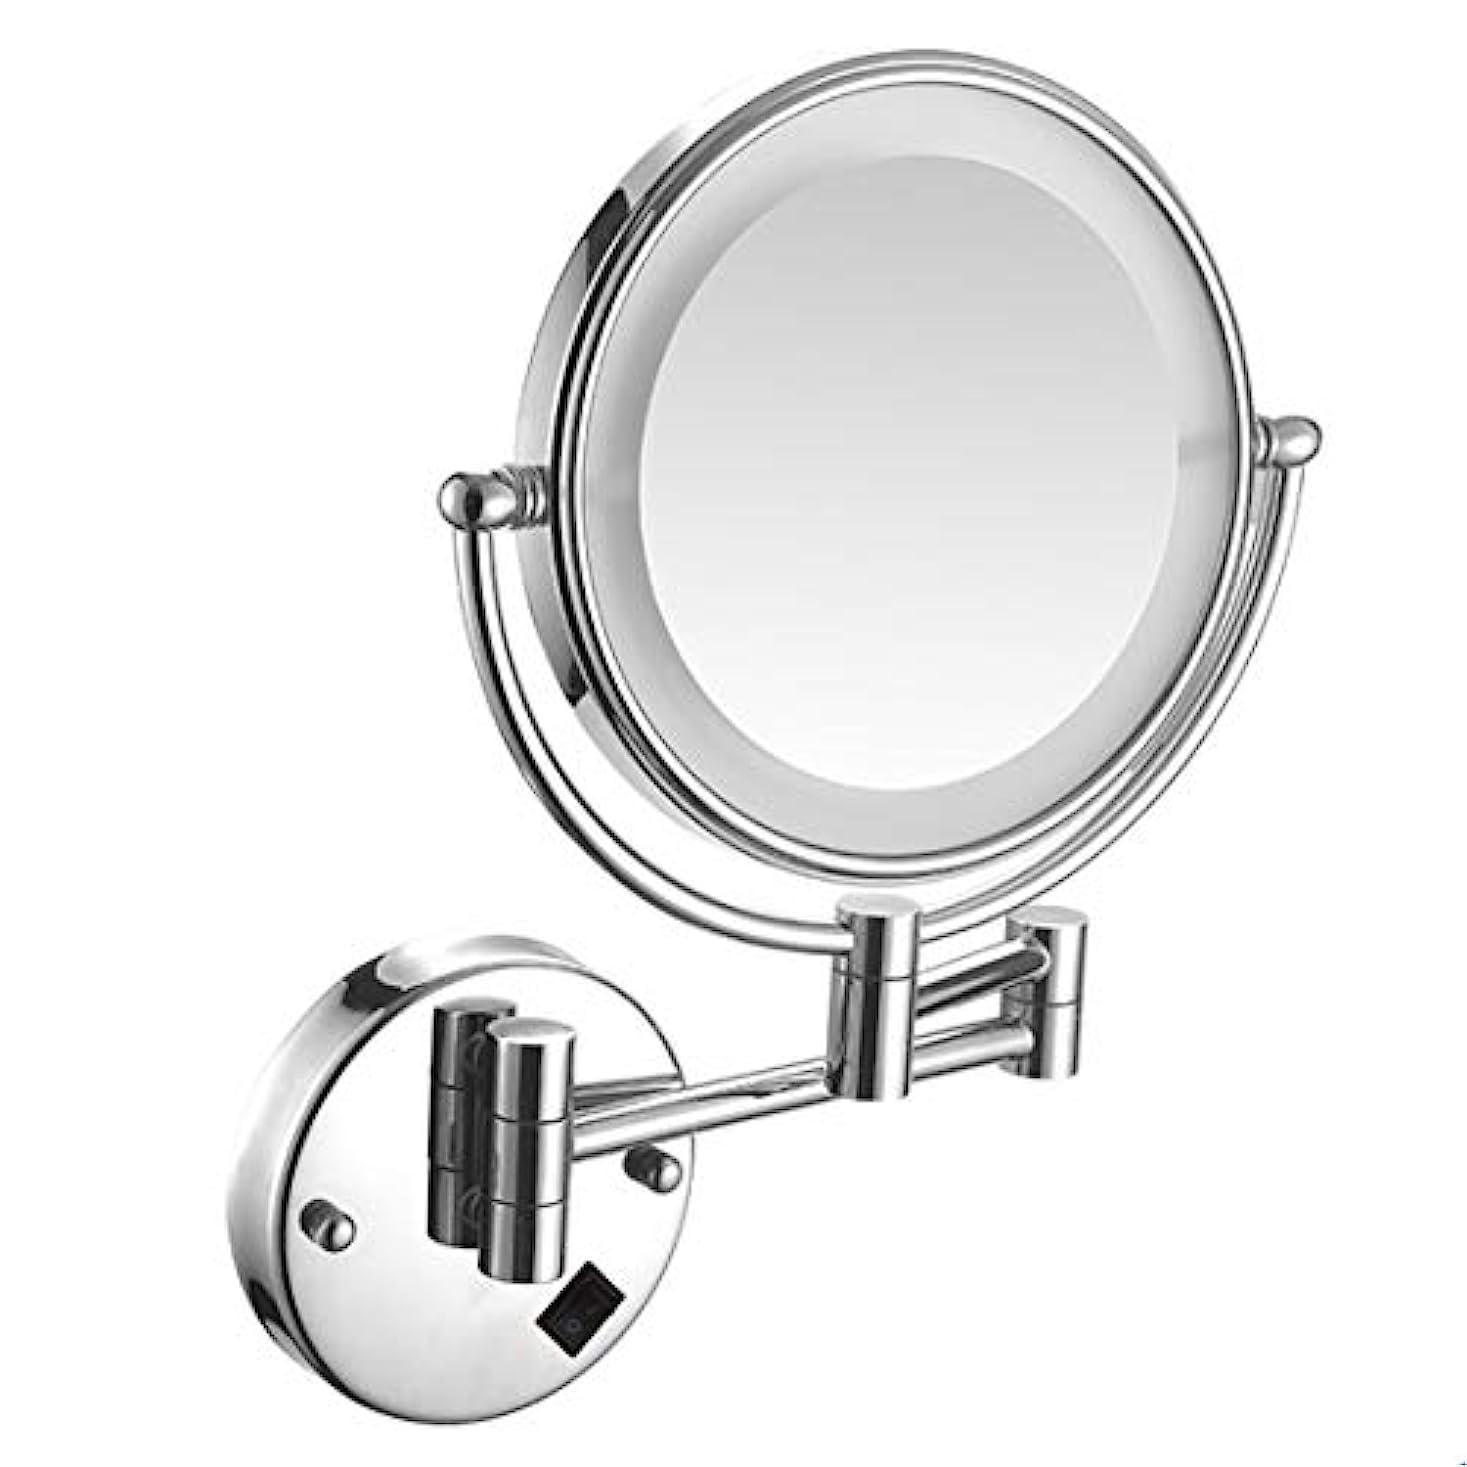 殺すストロークウォーターフロントウォールマウントLED照明付きメイクアップミラー3X拡大鏡USB充電式化粧品ミラー360°スイベル拡張可能な両面浴室用化粧鏡